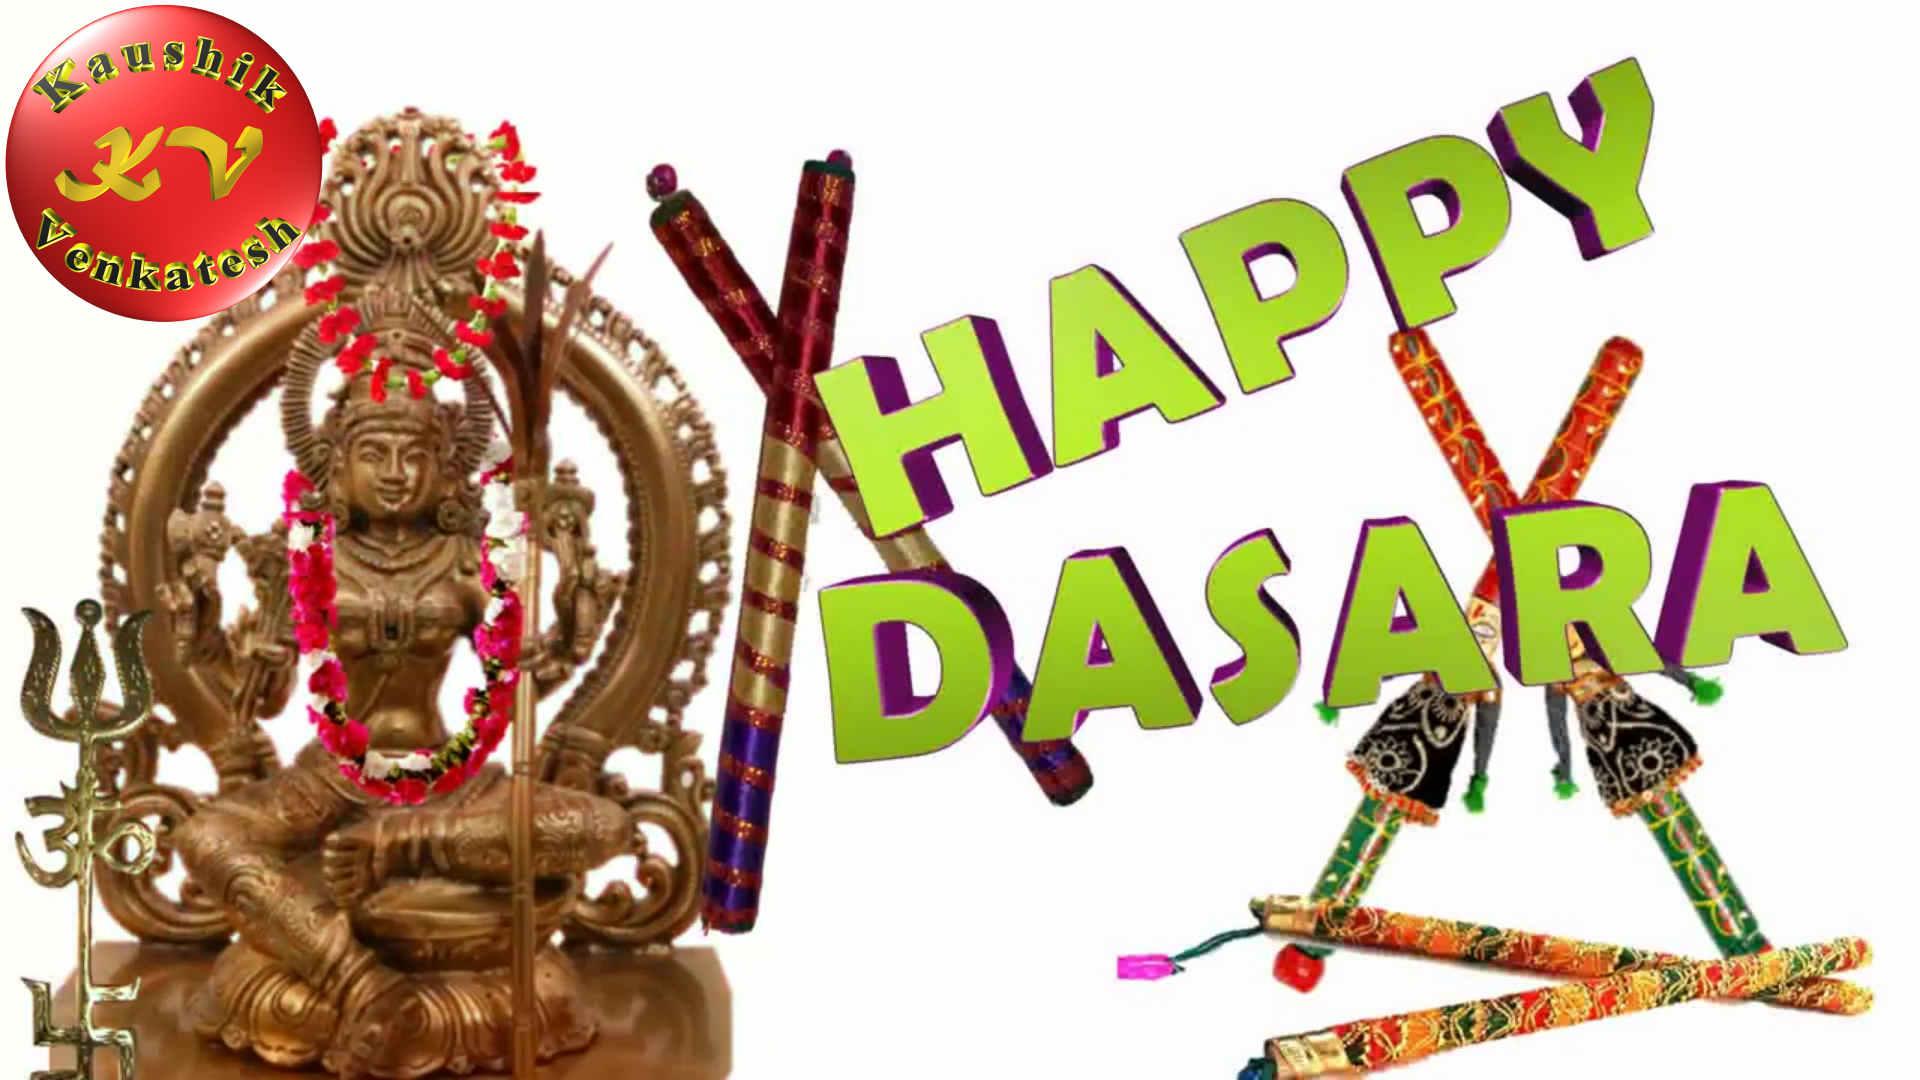 Greetings for Dasara Festival